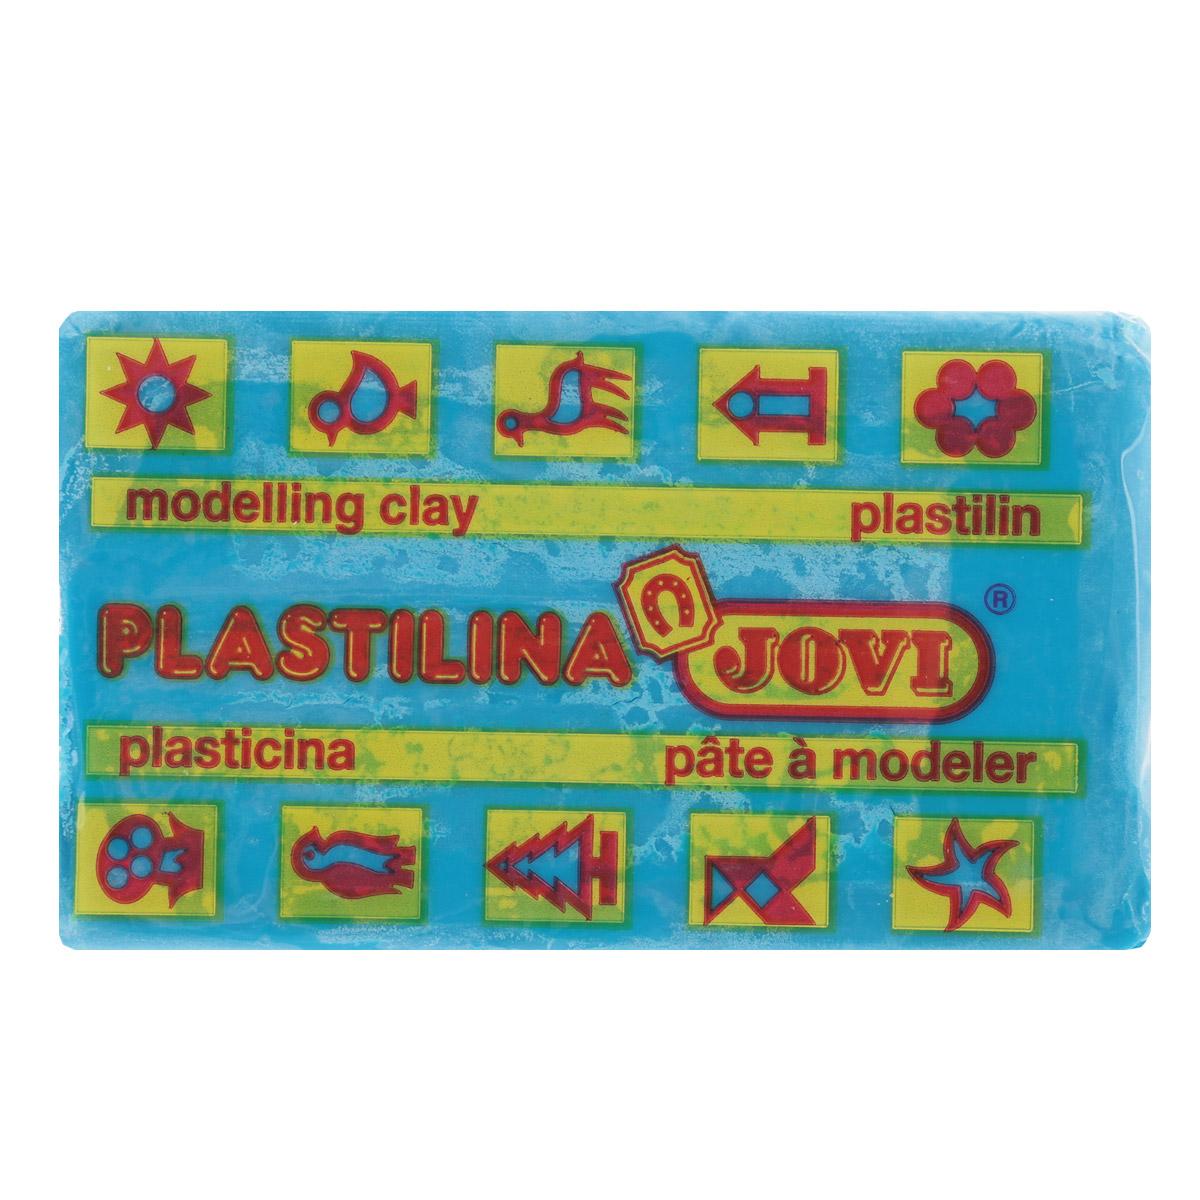 Jovi Пластилин, цвет: голубой, 50 г70/30U_сиреневыйПластилин Jovi - лучший выбор для лепки, он обладает превосходными изобразительными возможностями и поэтому дает простор воображению и самым смелым творческим замыслам. Пластилин, изготовленный на растительной основе, очень мягкий, легко разминается и смешивается, не пачкает руки и не прилипает к рабочей поверхности. Пластилин пригоден для создания аппликаций и поделок, ручной лепки, моделирования на каркасе, пластилиновой живописи - рисовании пластилином по бумаге, картону, дереву или текстилю. Пластические свойства сохраняются в течение 5 лет.